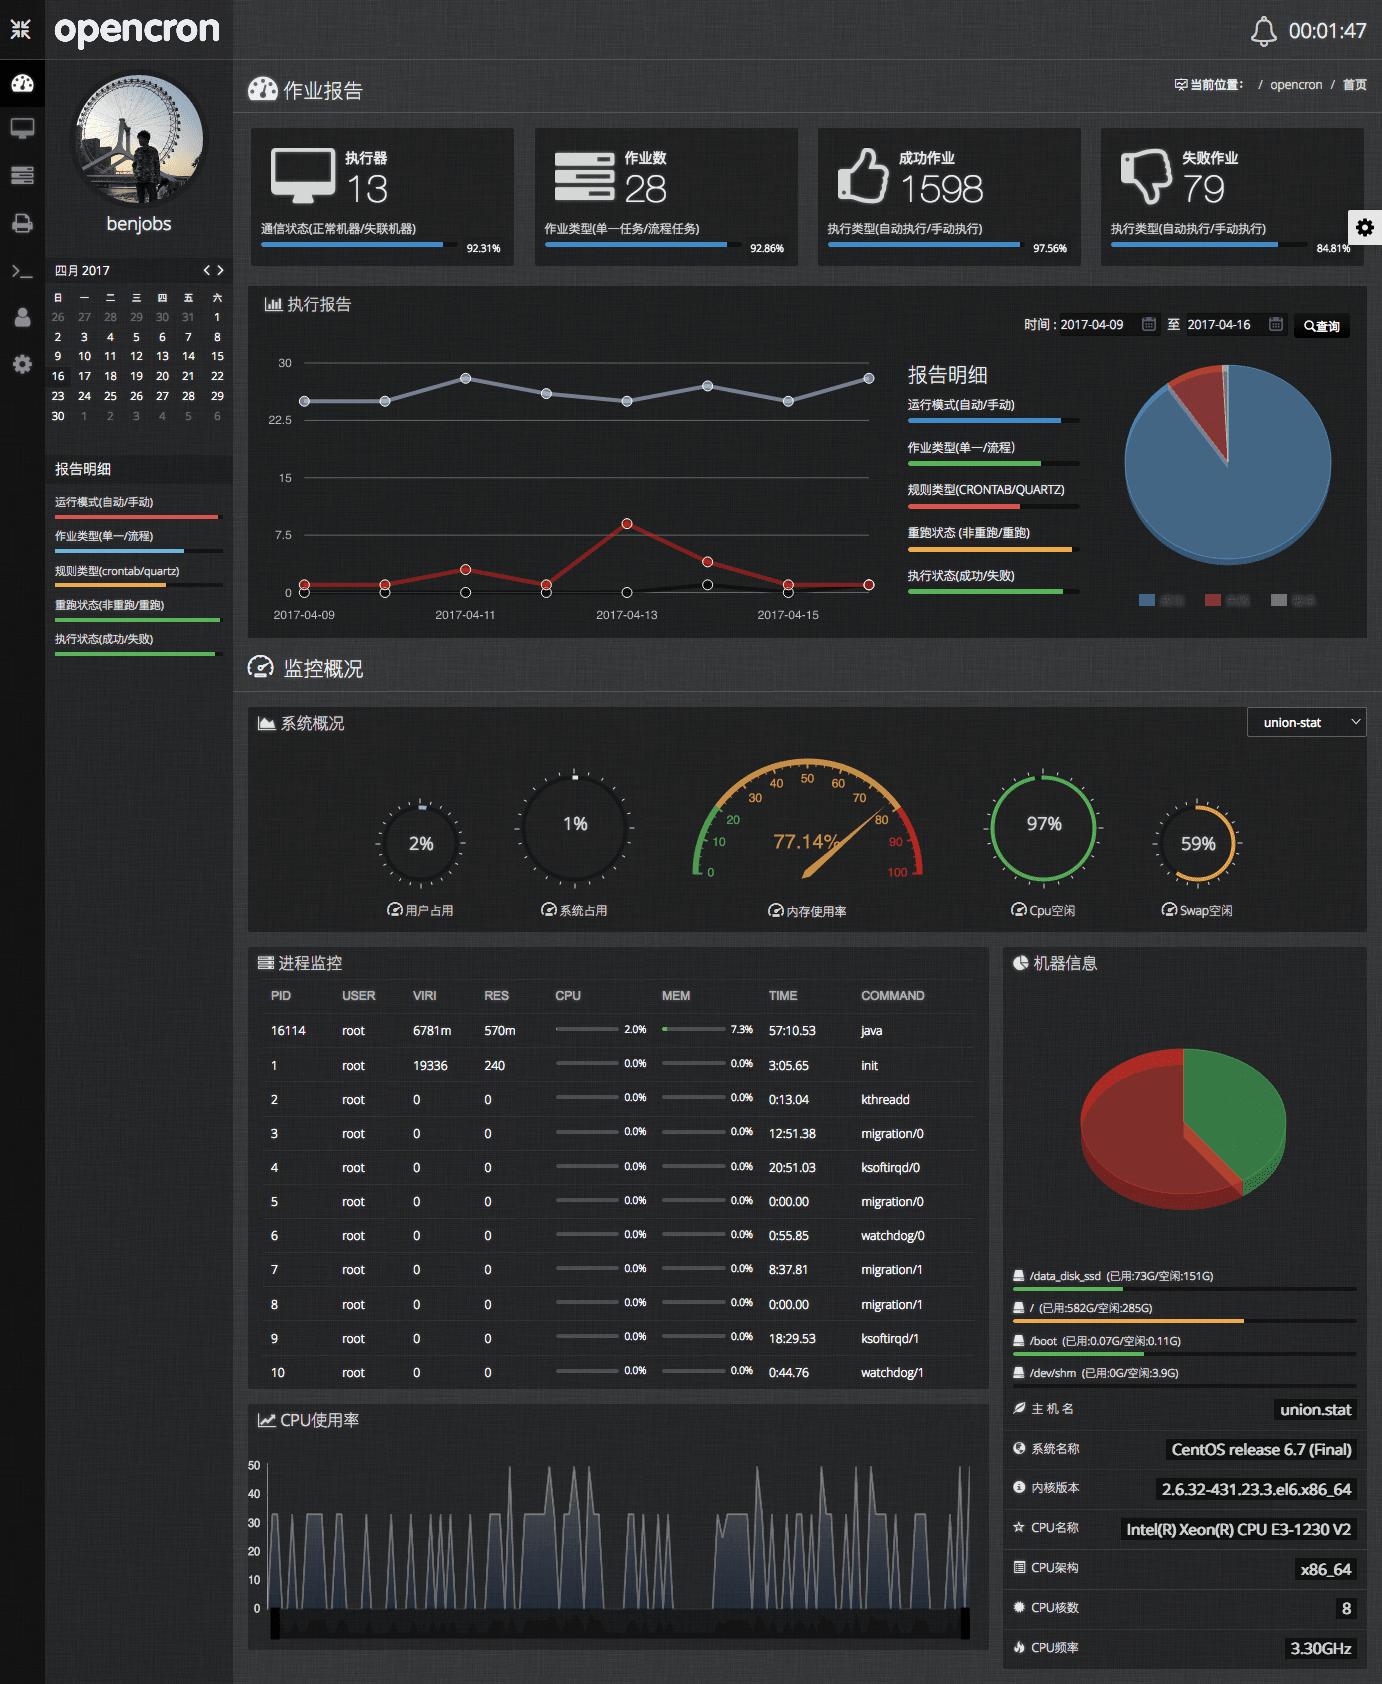 定时任务调度系统 opencron